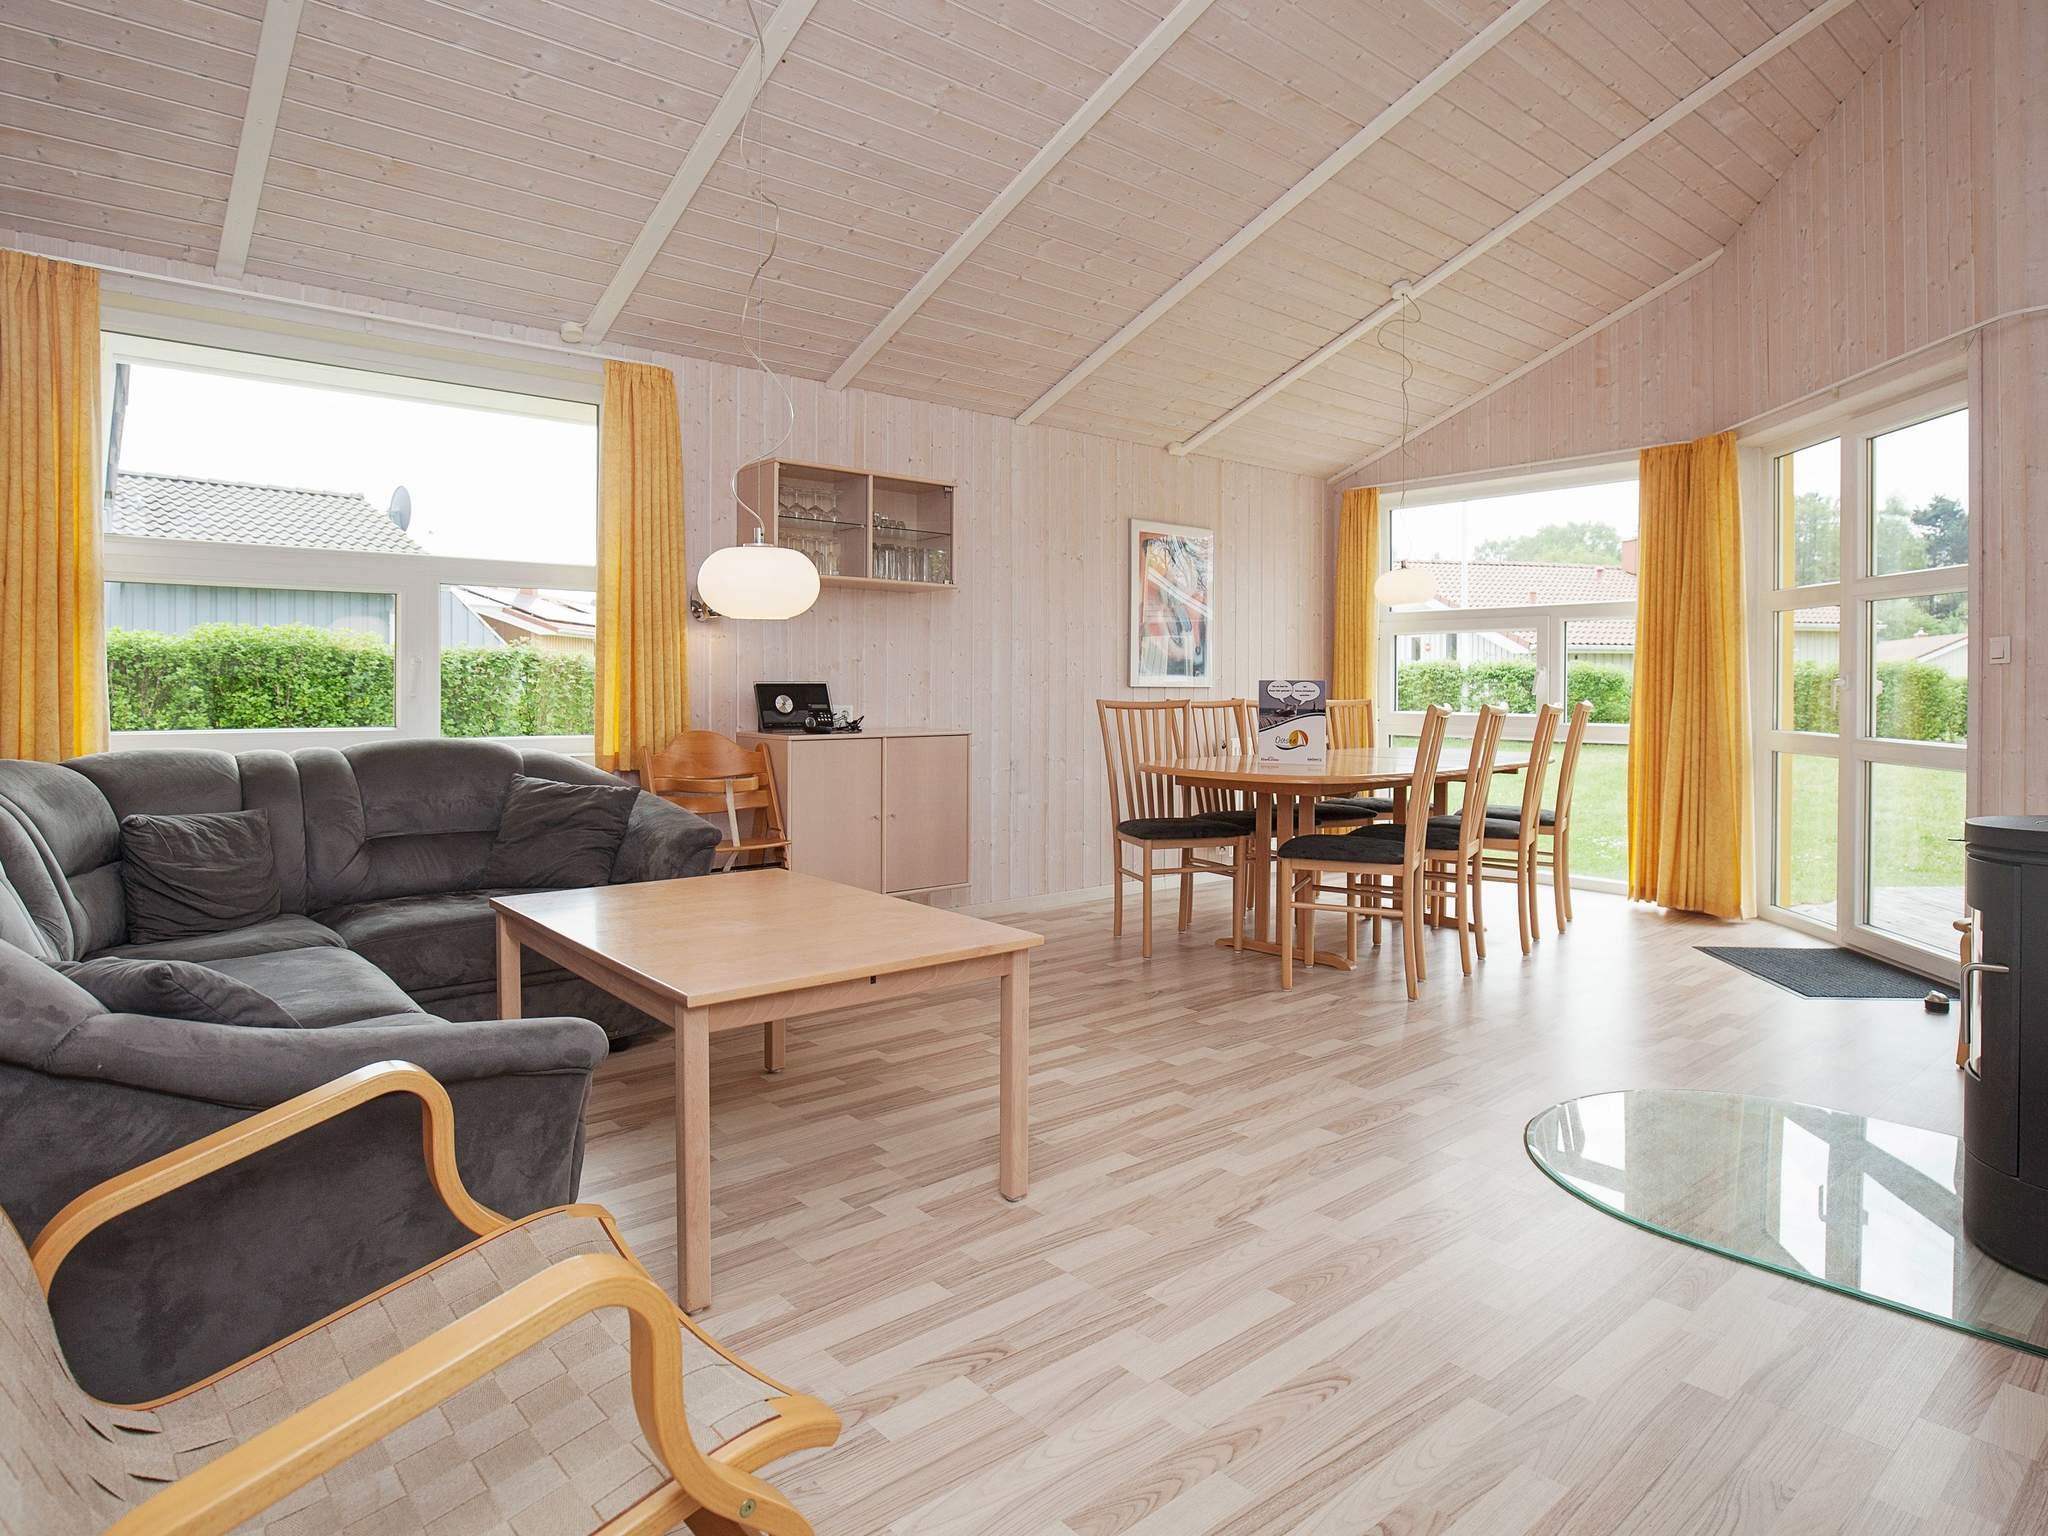 Maison de vacances Grömitz (359058), Grömitz, Baie de Lübeck, Schleswig-Holstein, Allemagne, image 2